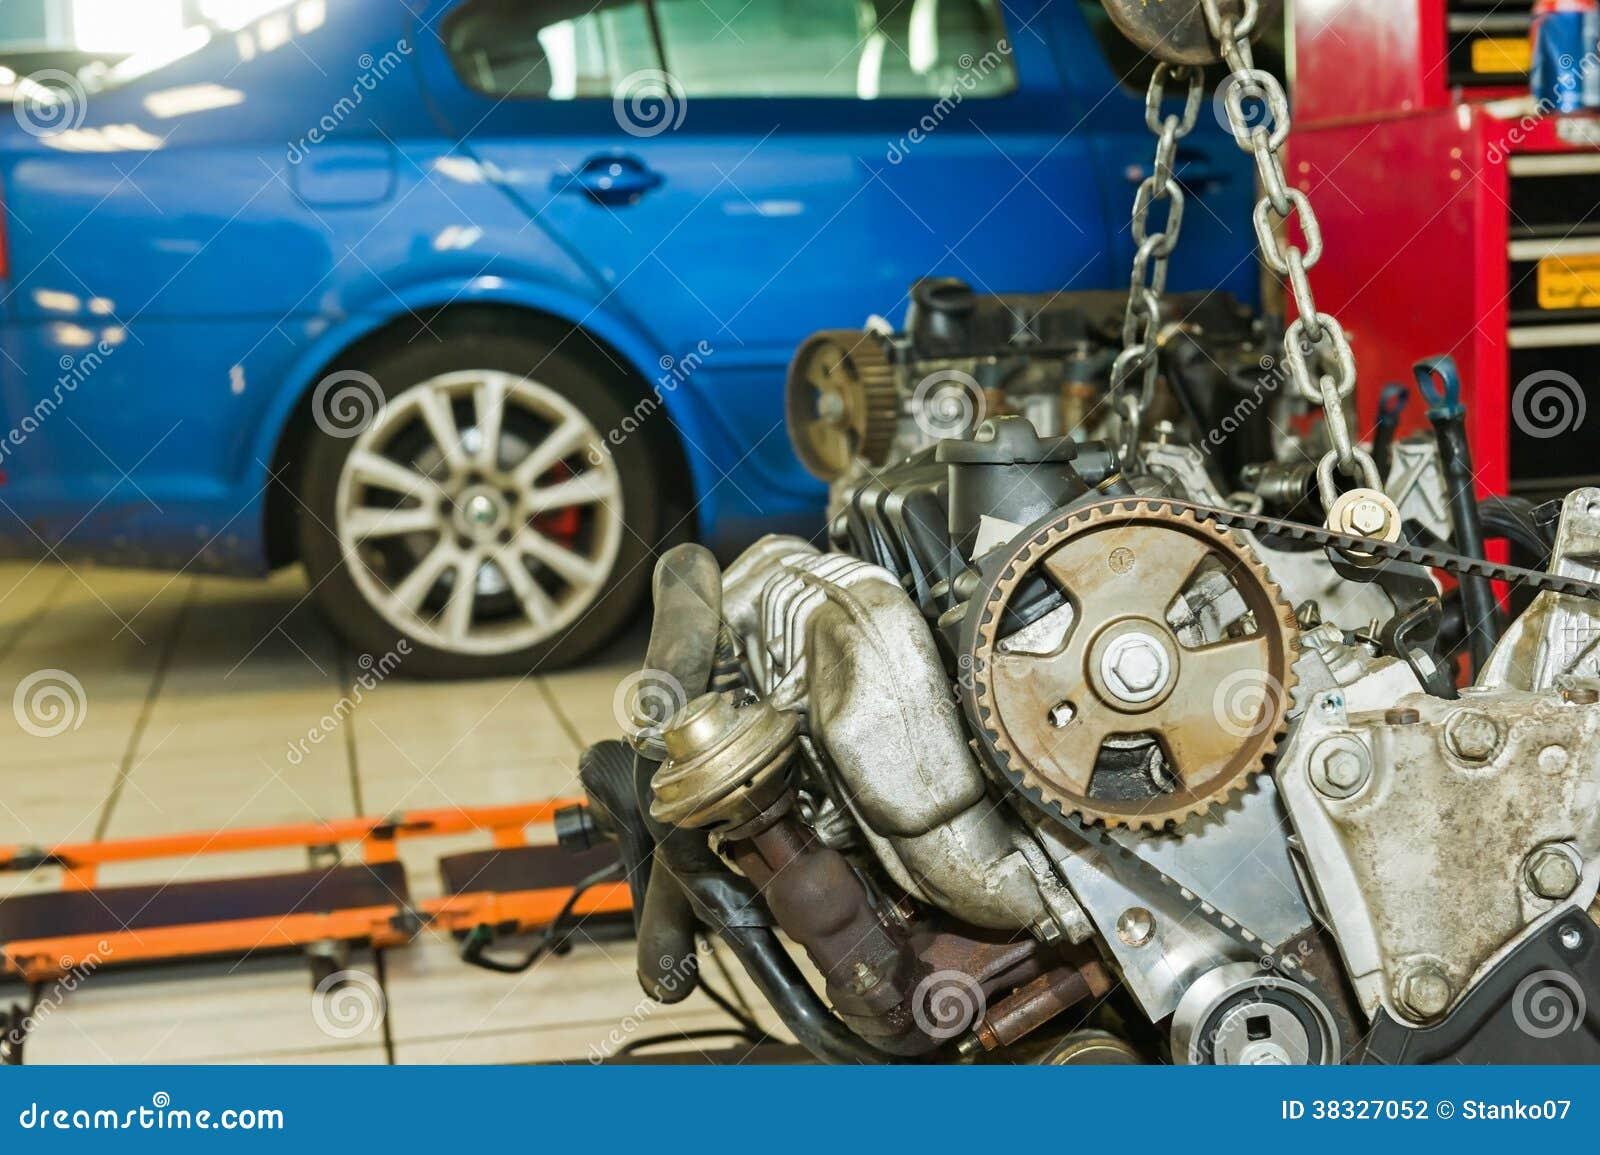 Car engine repair stock photography image 38327052 for Motor vehicle repair license